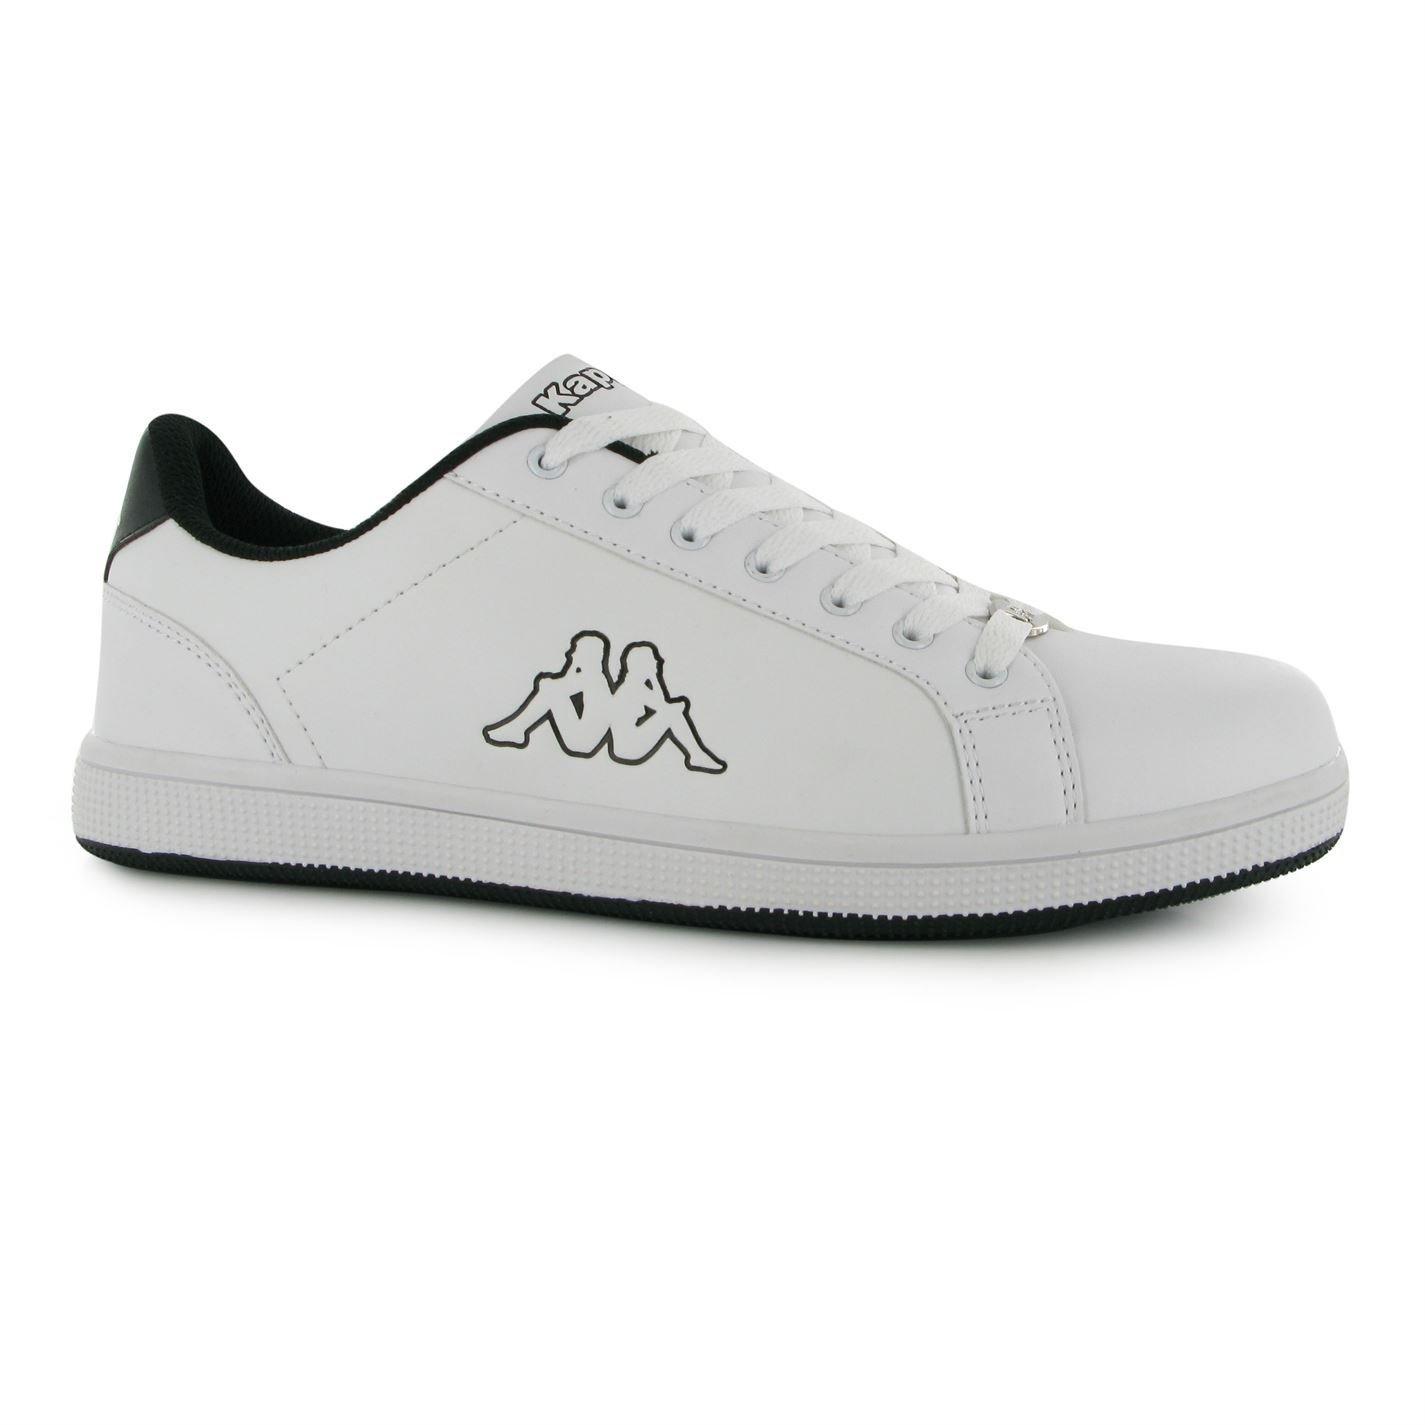 Kappa Maresas 2 Trainers Mens Black//Black Sports Shoes Sneakers Footwear